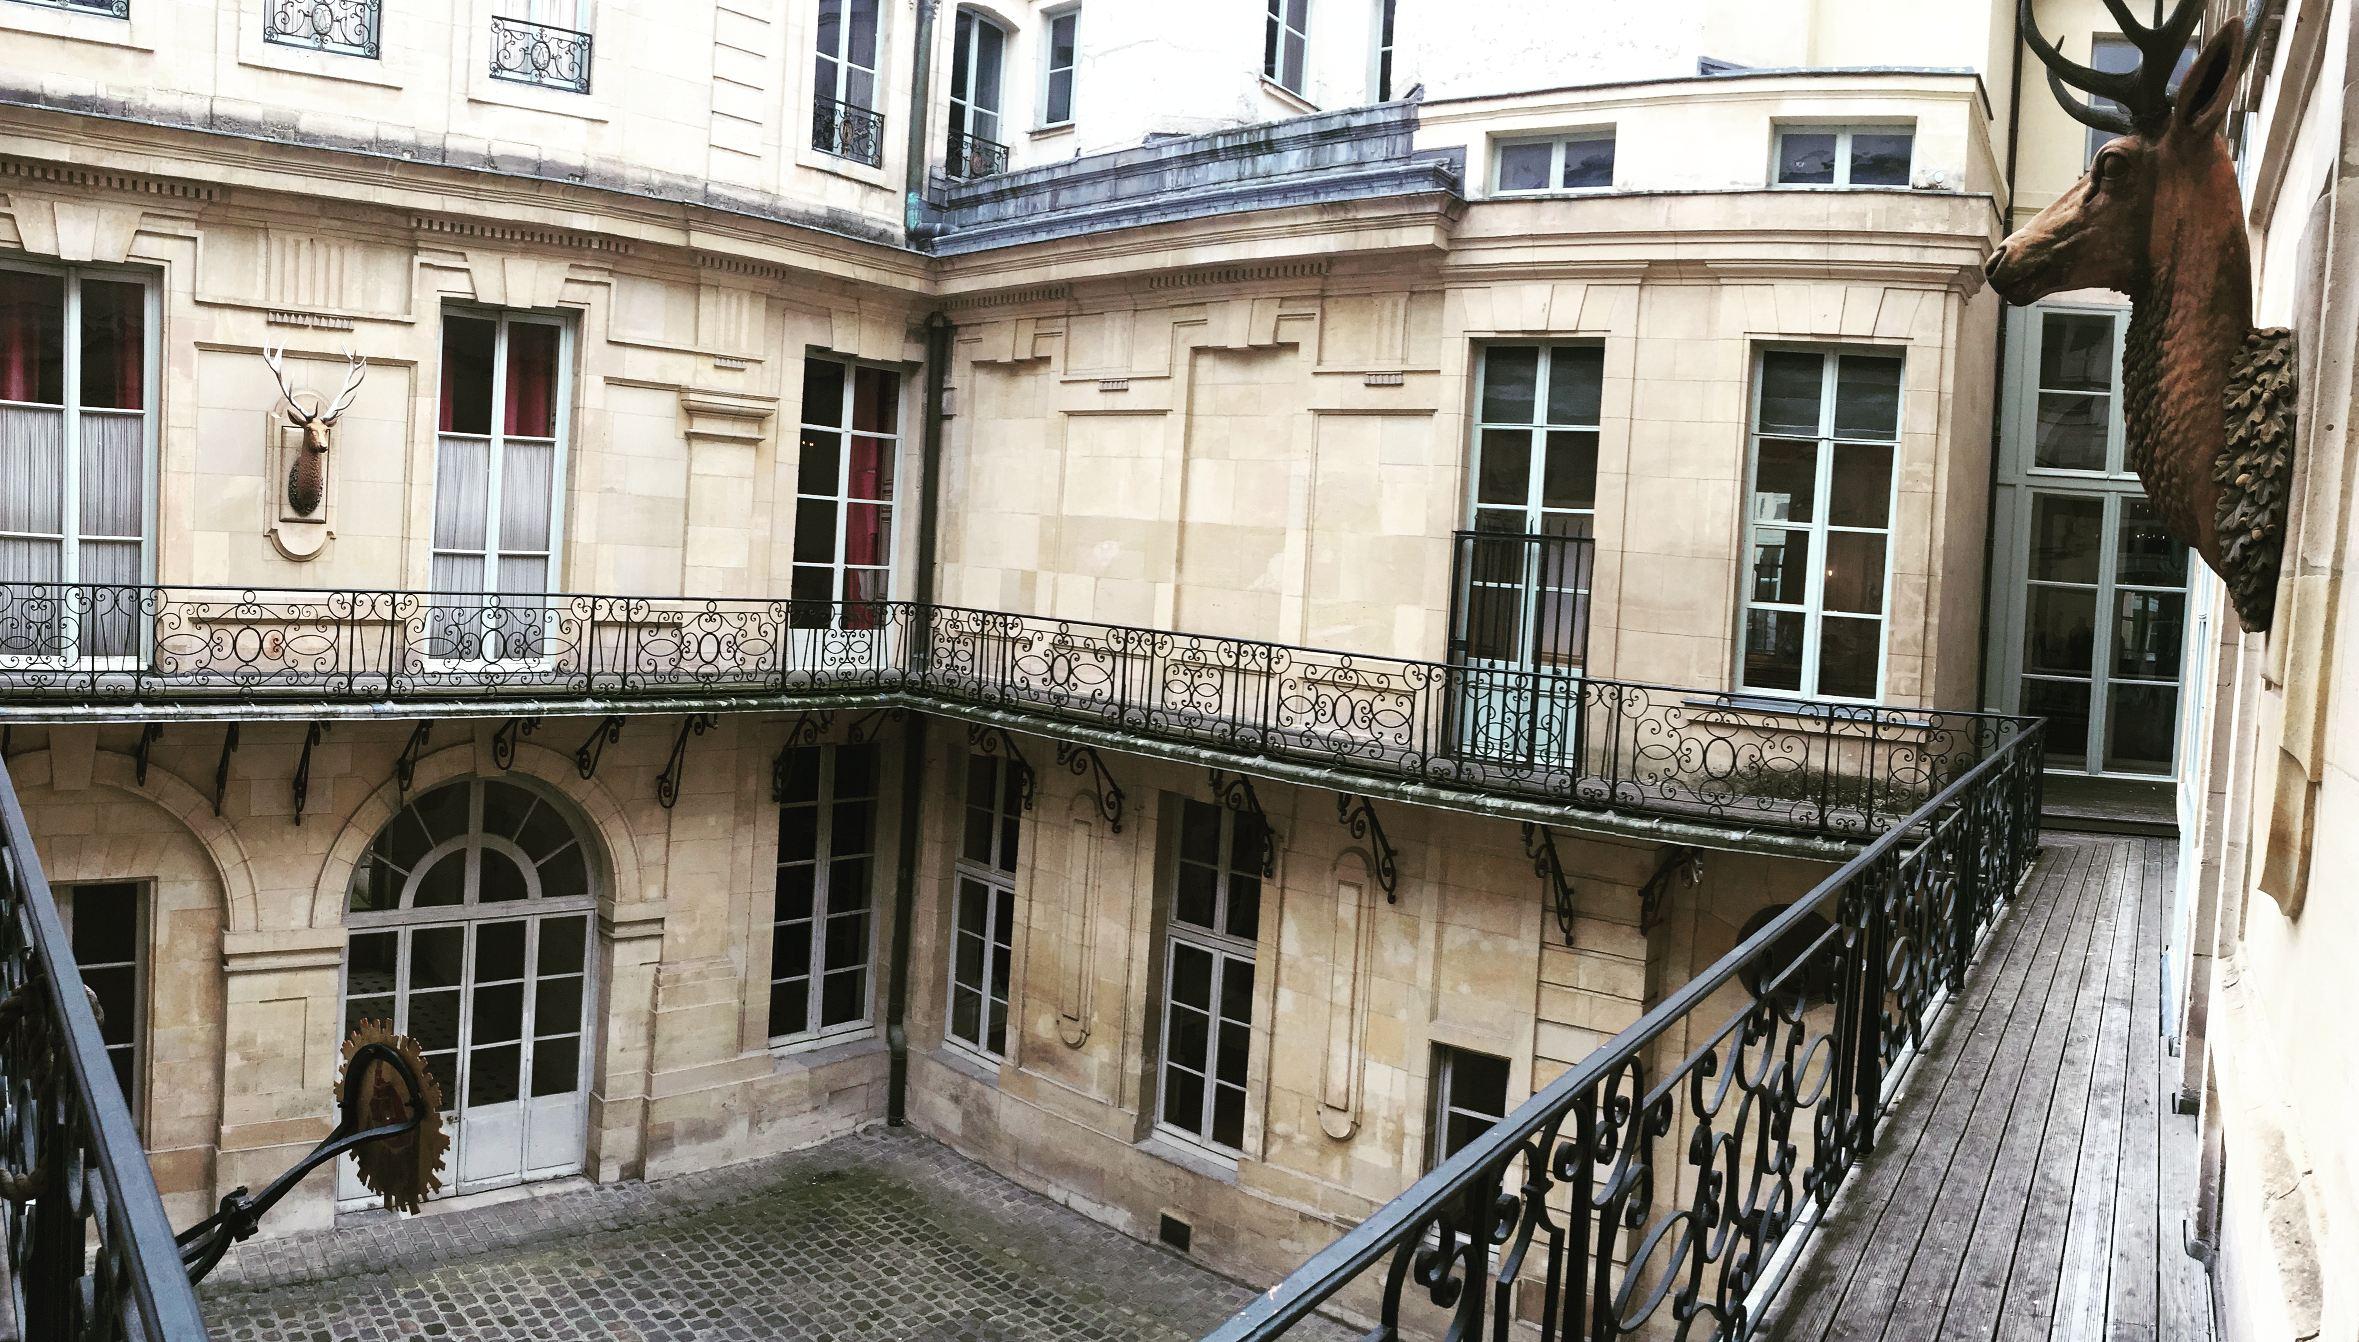 Découvrir les lieux cachés du château de Versailles